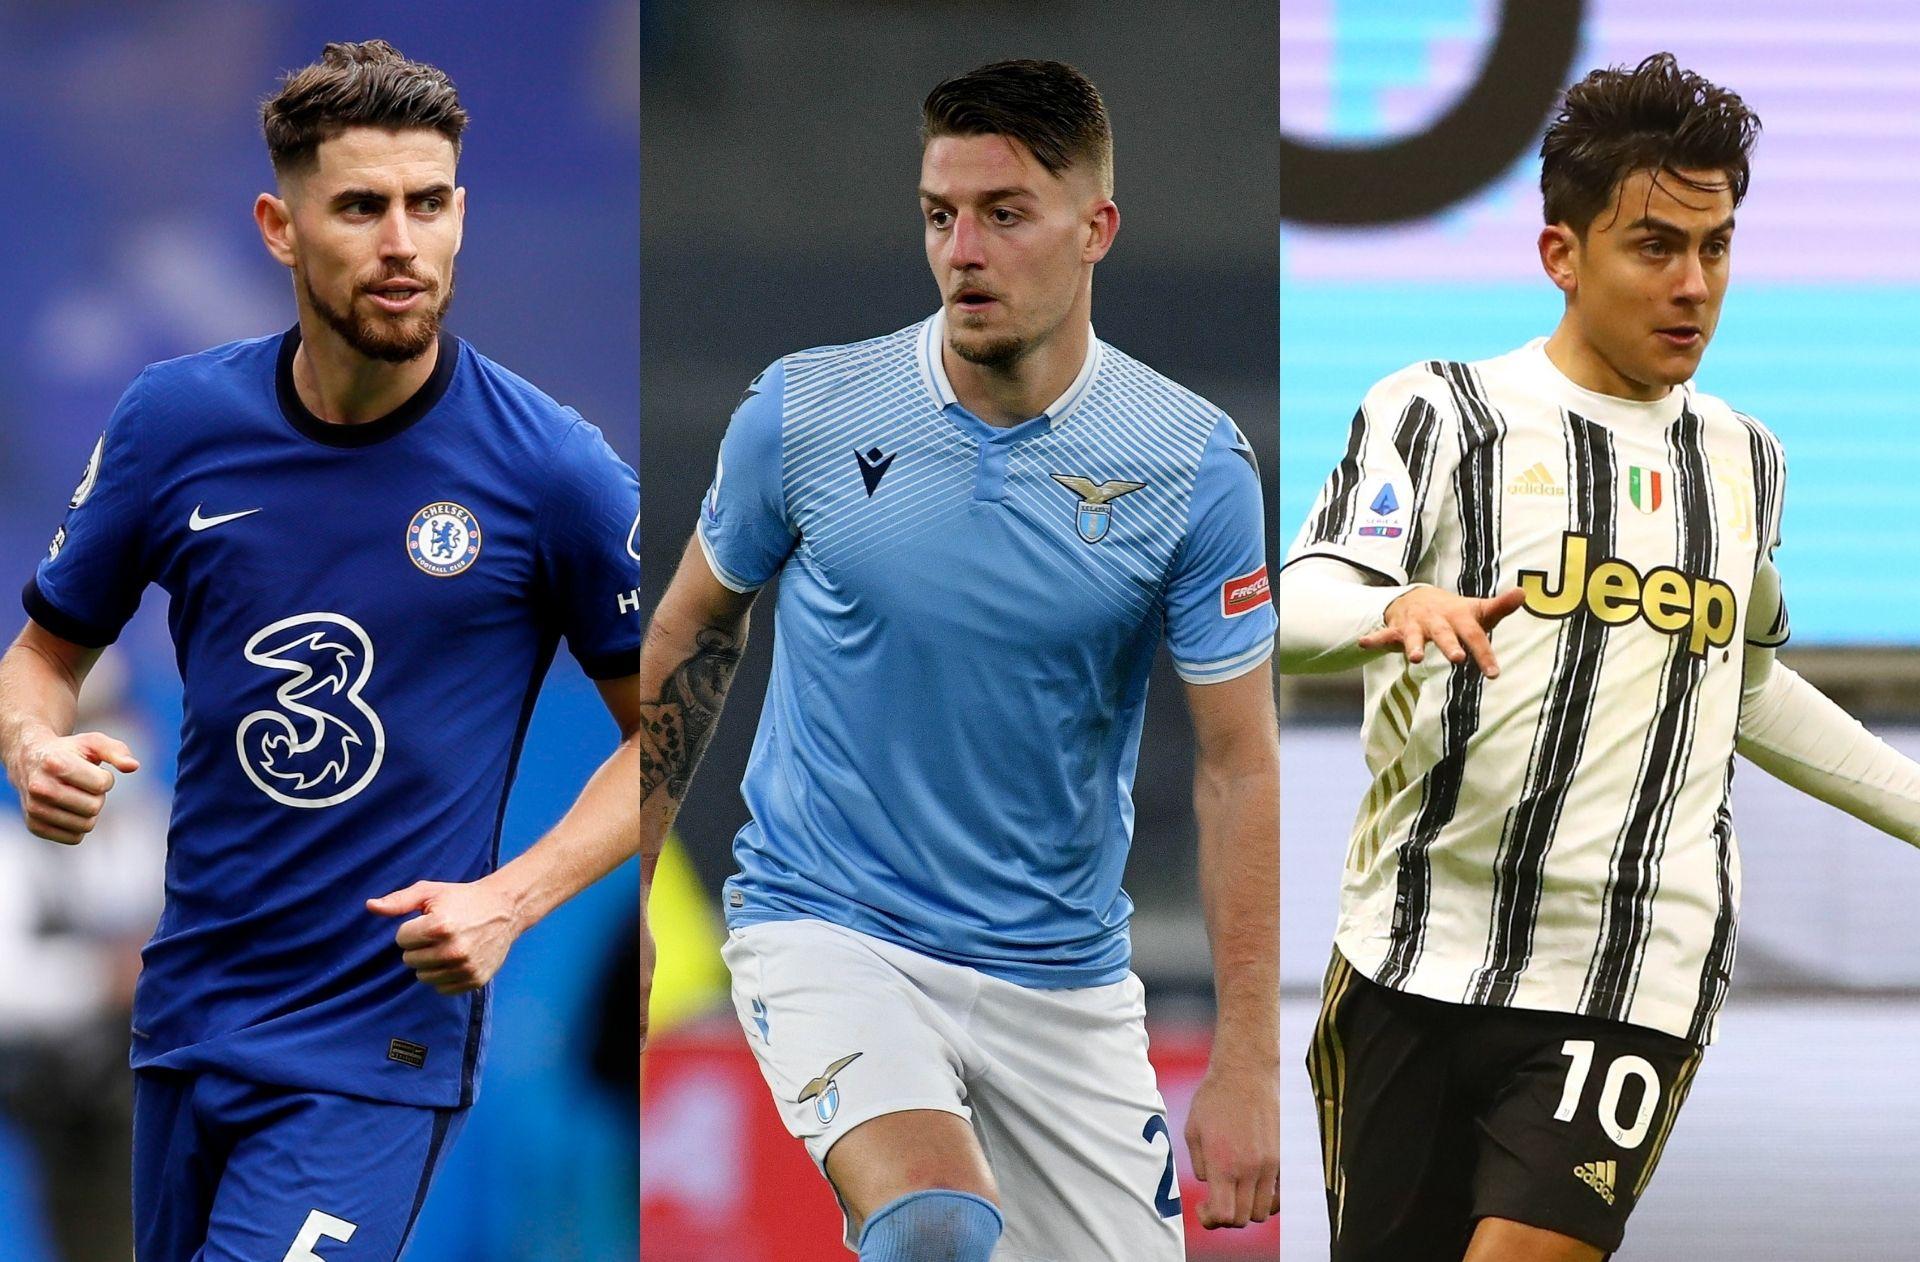 Jorginho of Chelsea, Sergej Milinkovic-Savic of Lazio, Paulo Dybala of Juventus